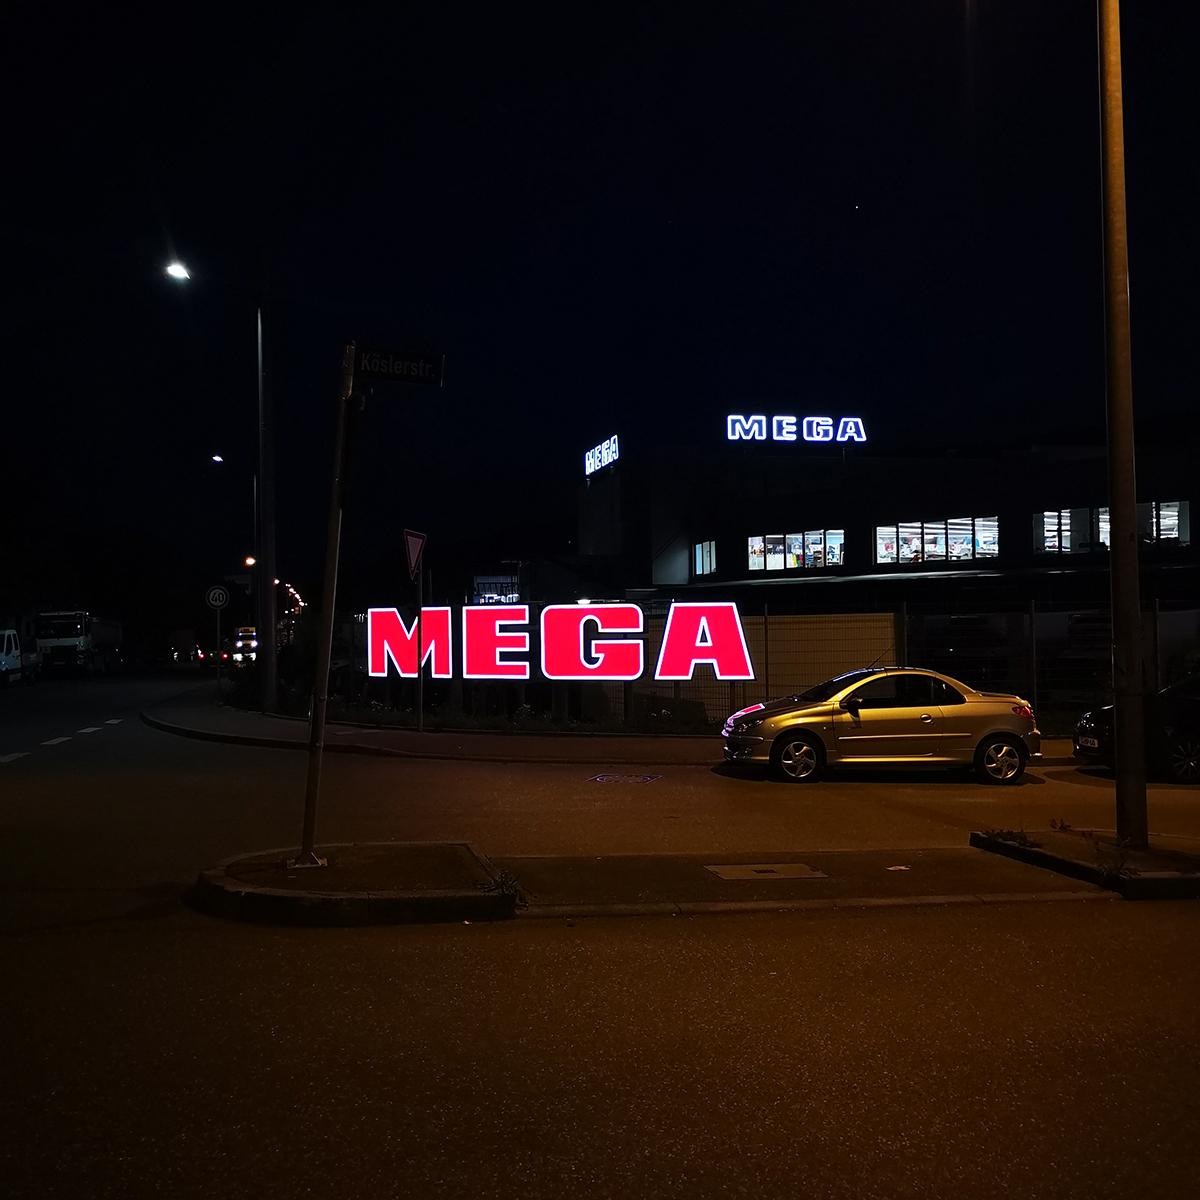 fridas_pier_mega